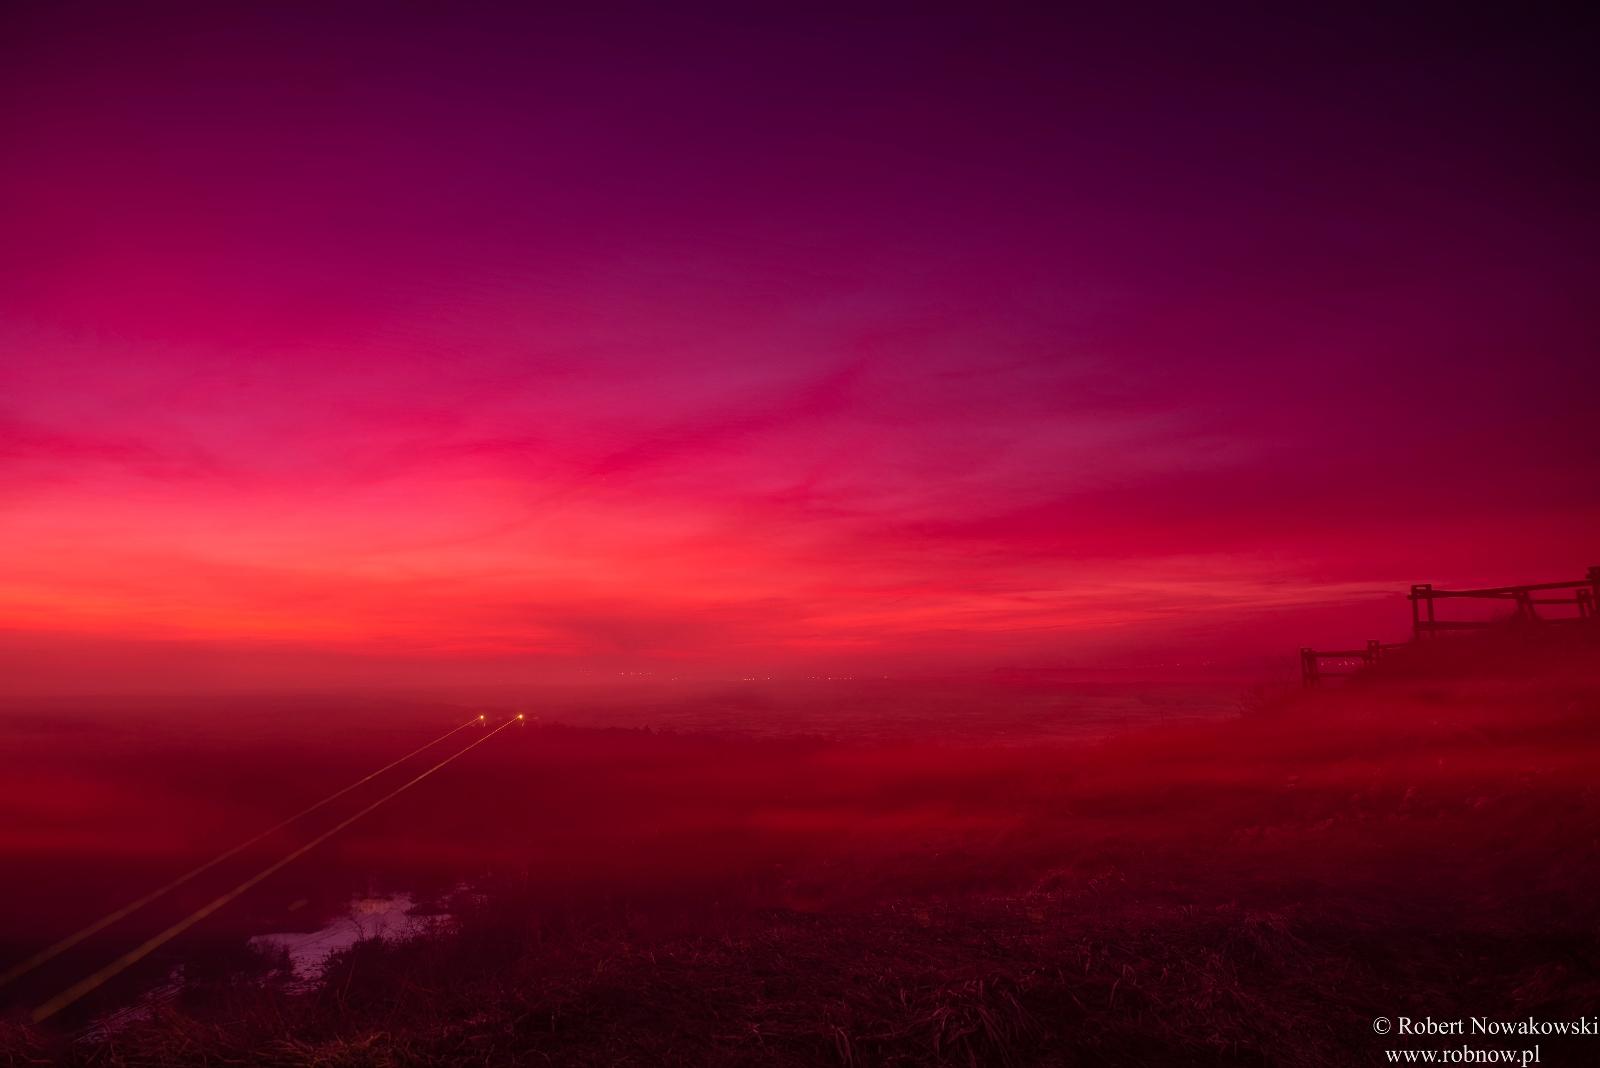 Zimowy zachód Słońca nad Pustynią Błędowską...